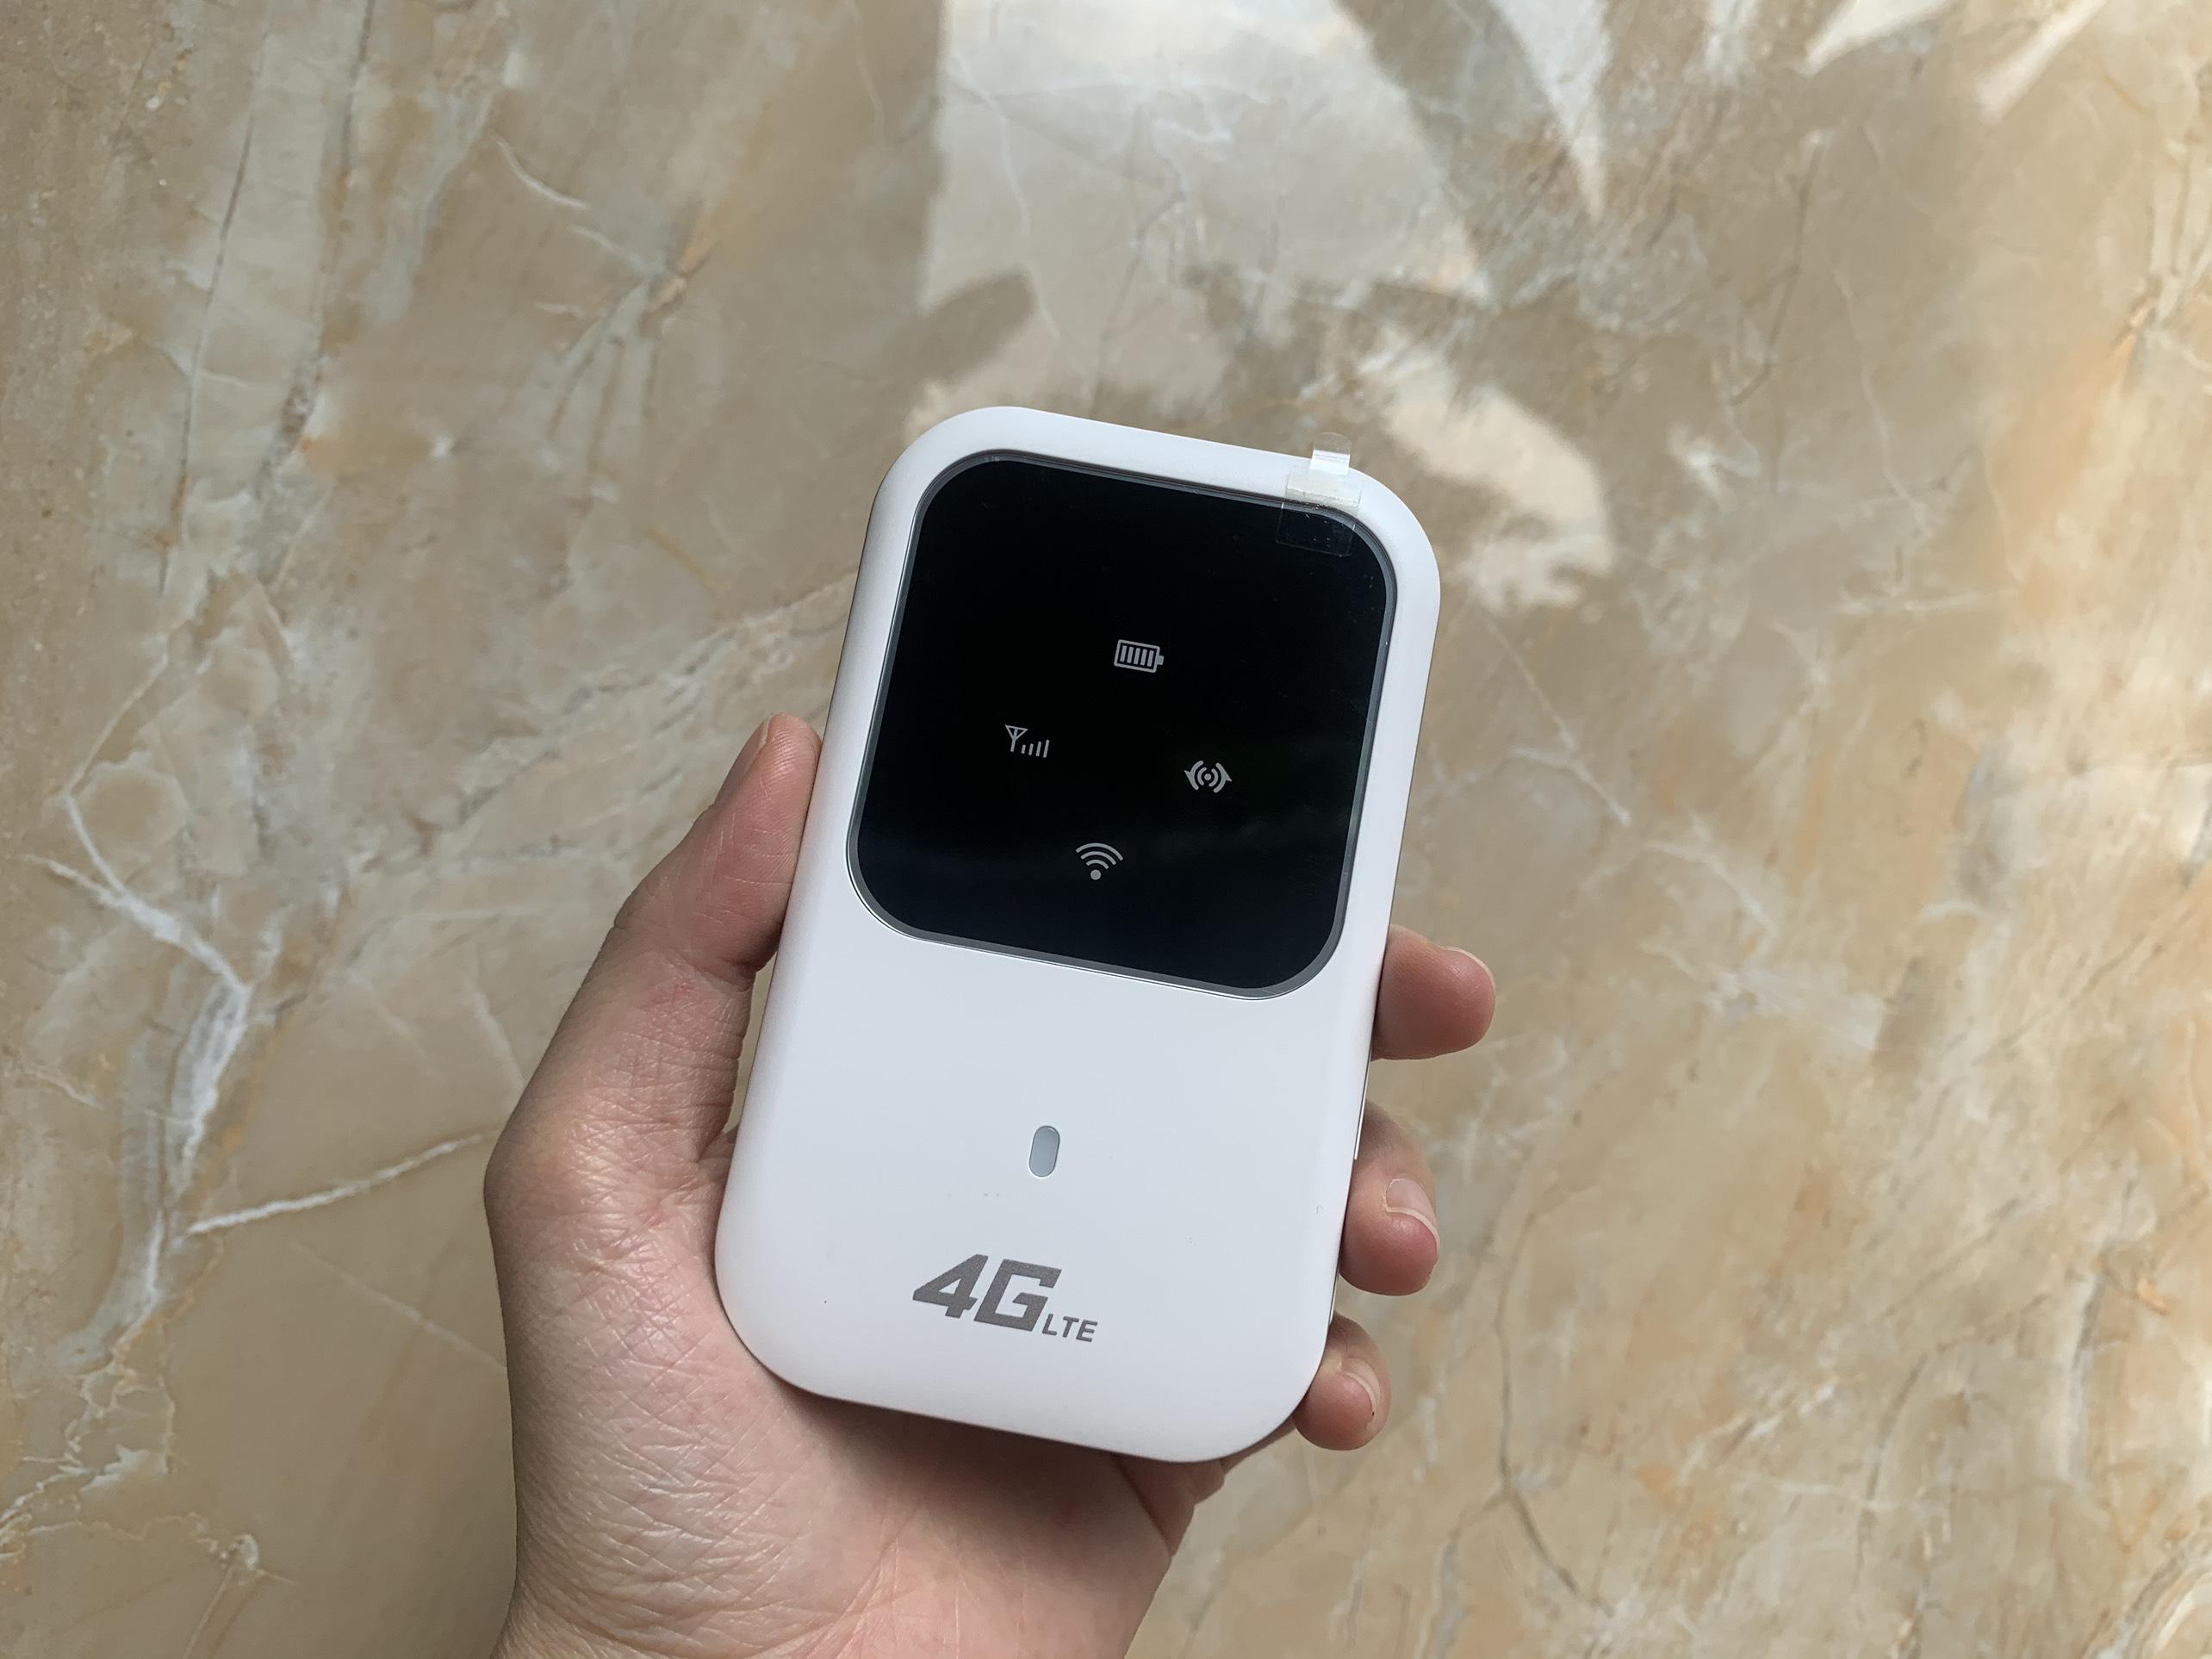 HƯỚNG DẪN CÁCH SỬ DỤNG, THAY ĐỔI ID VÀ PASS WIFI RS803, A800, M80